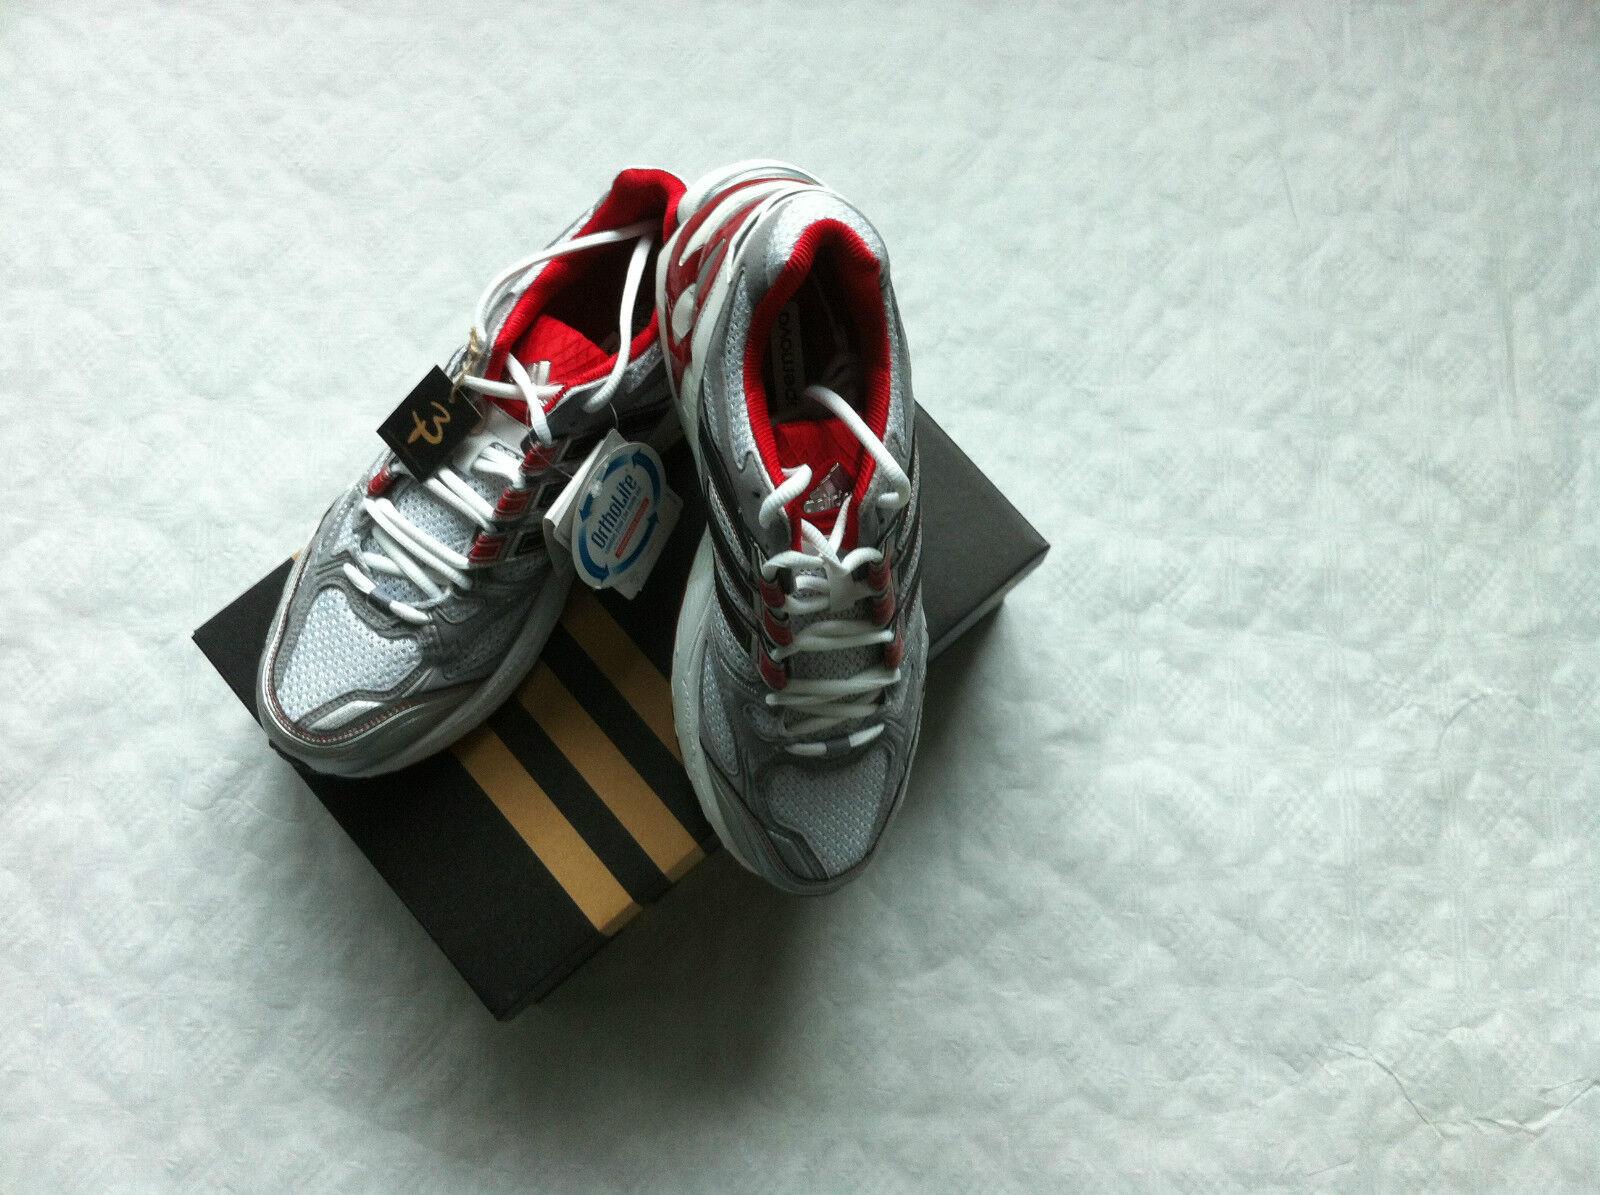 Adidas Snova Sequence 3M Laufschuhe - Große Größen  | Konzentrieren Sie sich auf das Babyleben